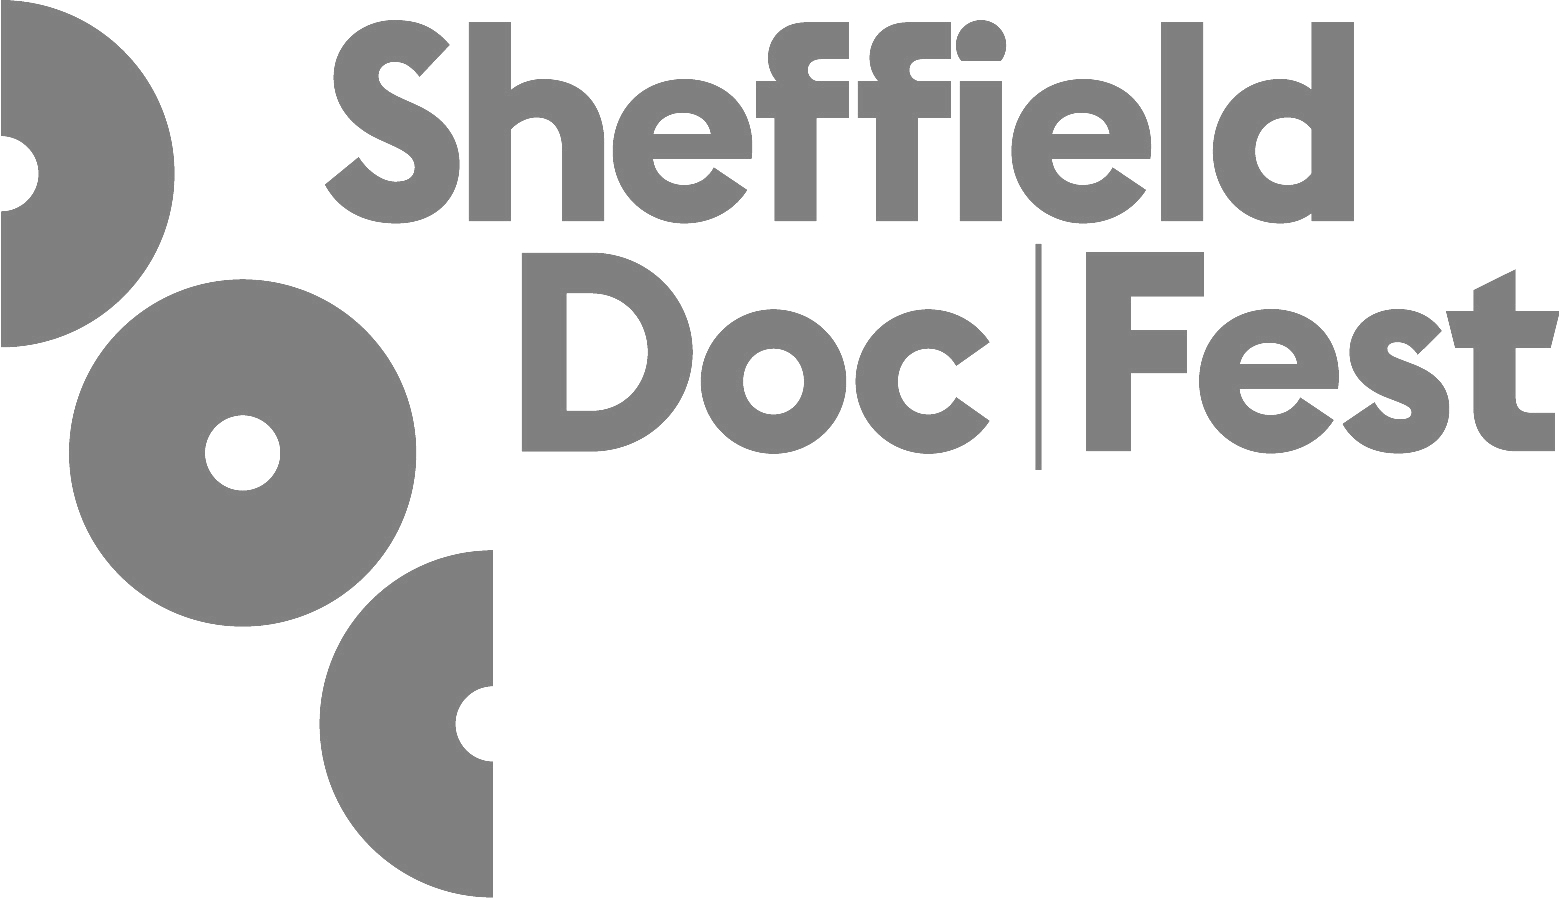 sheffield-doc-fest_logo-2016.jpg